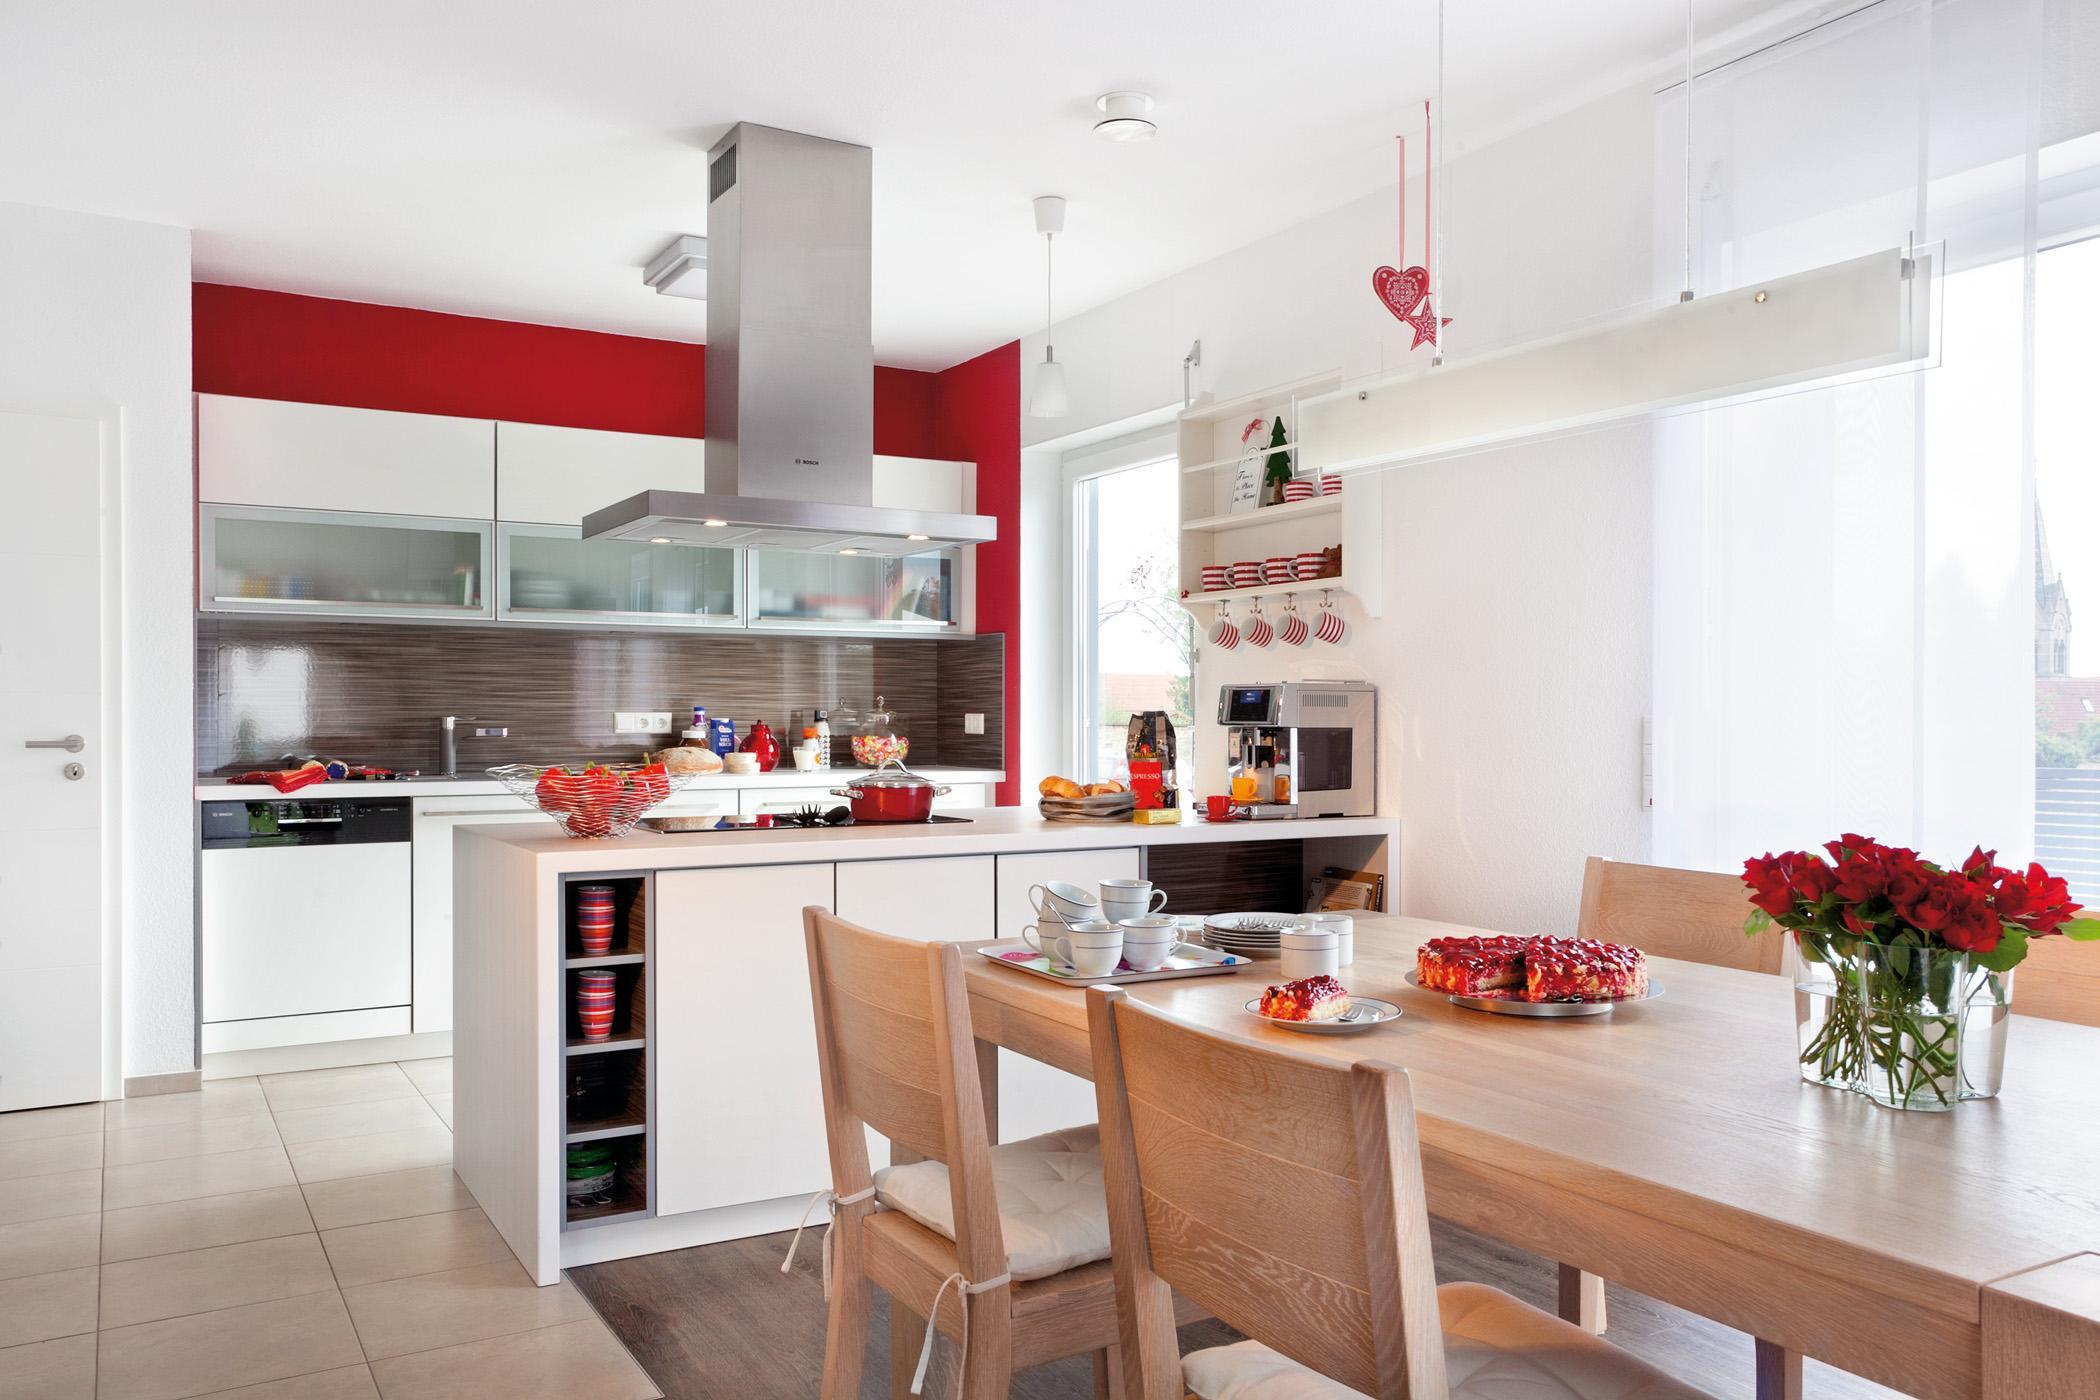 Küchenmöbel • Bilder & Ideen • COUCHstyle | {Küchen moderner landhausstil 25}